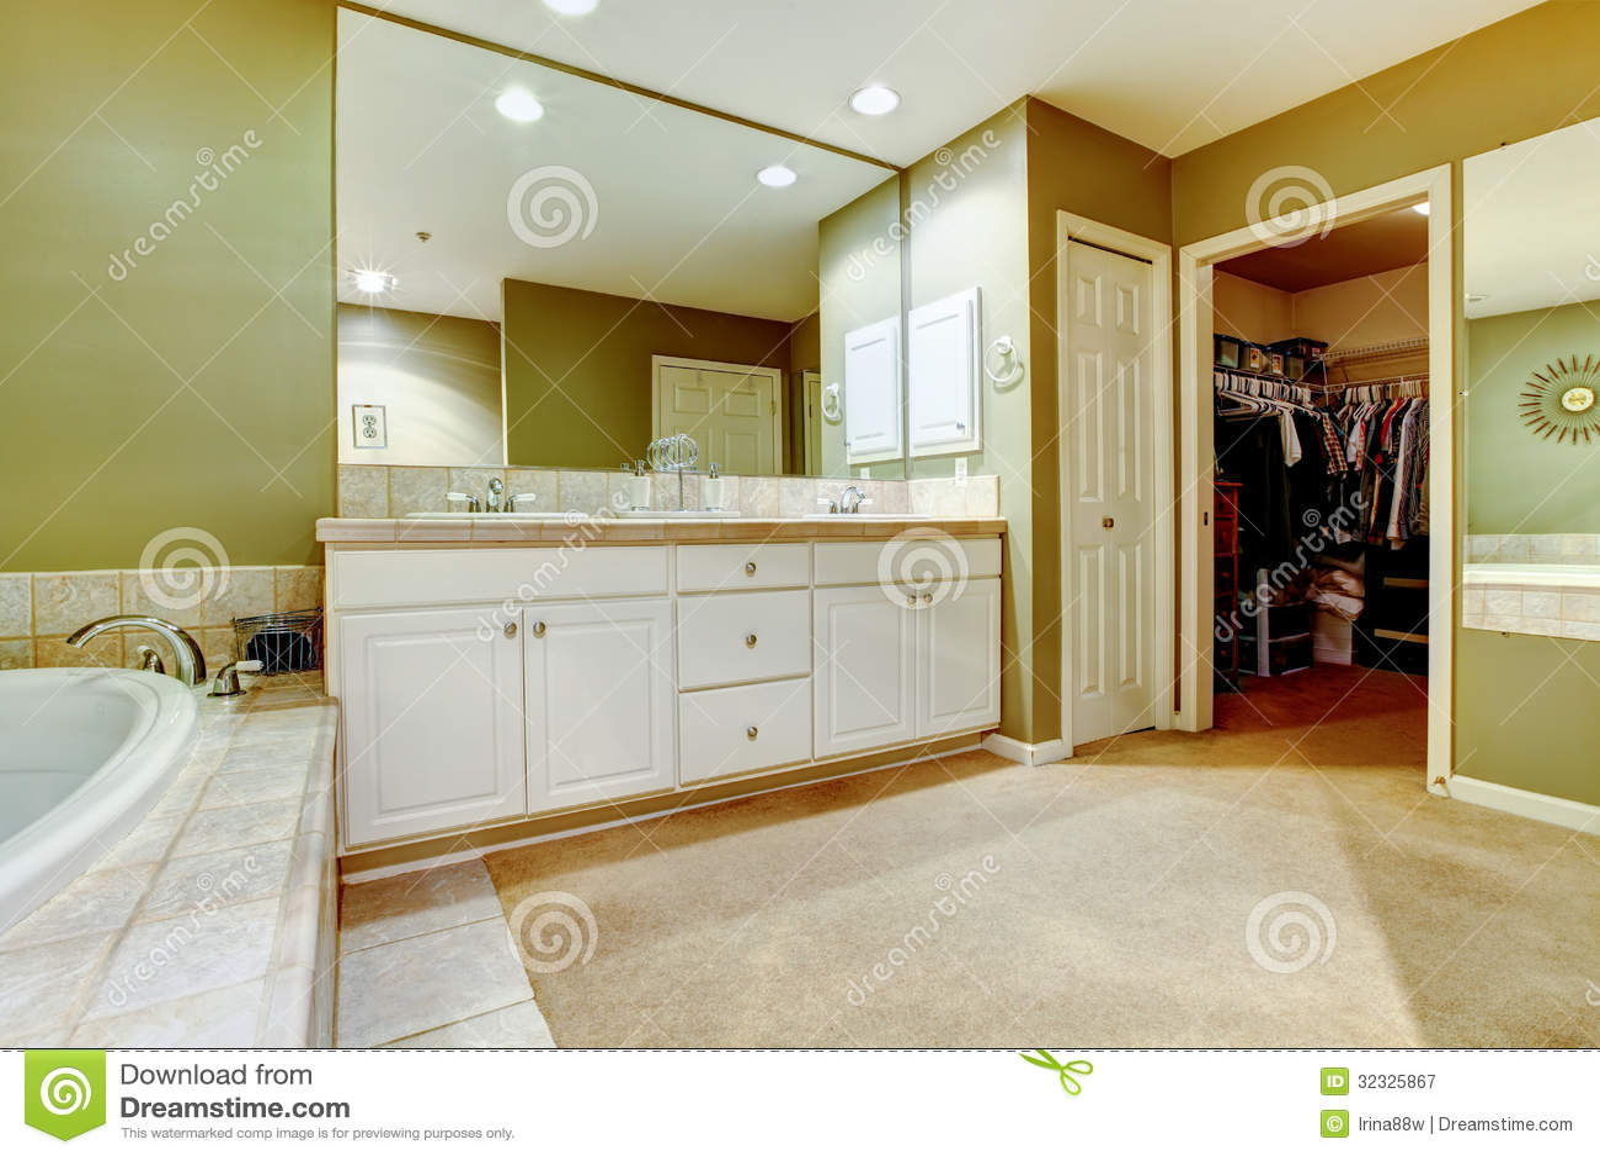 Bagno Verde E Bianco Con Due Lavandini E Gabinetti